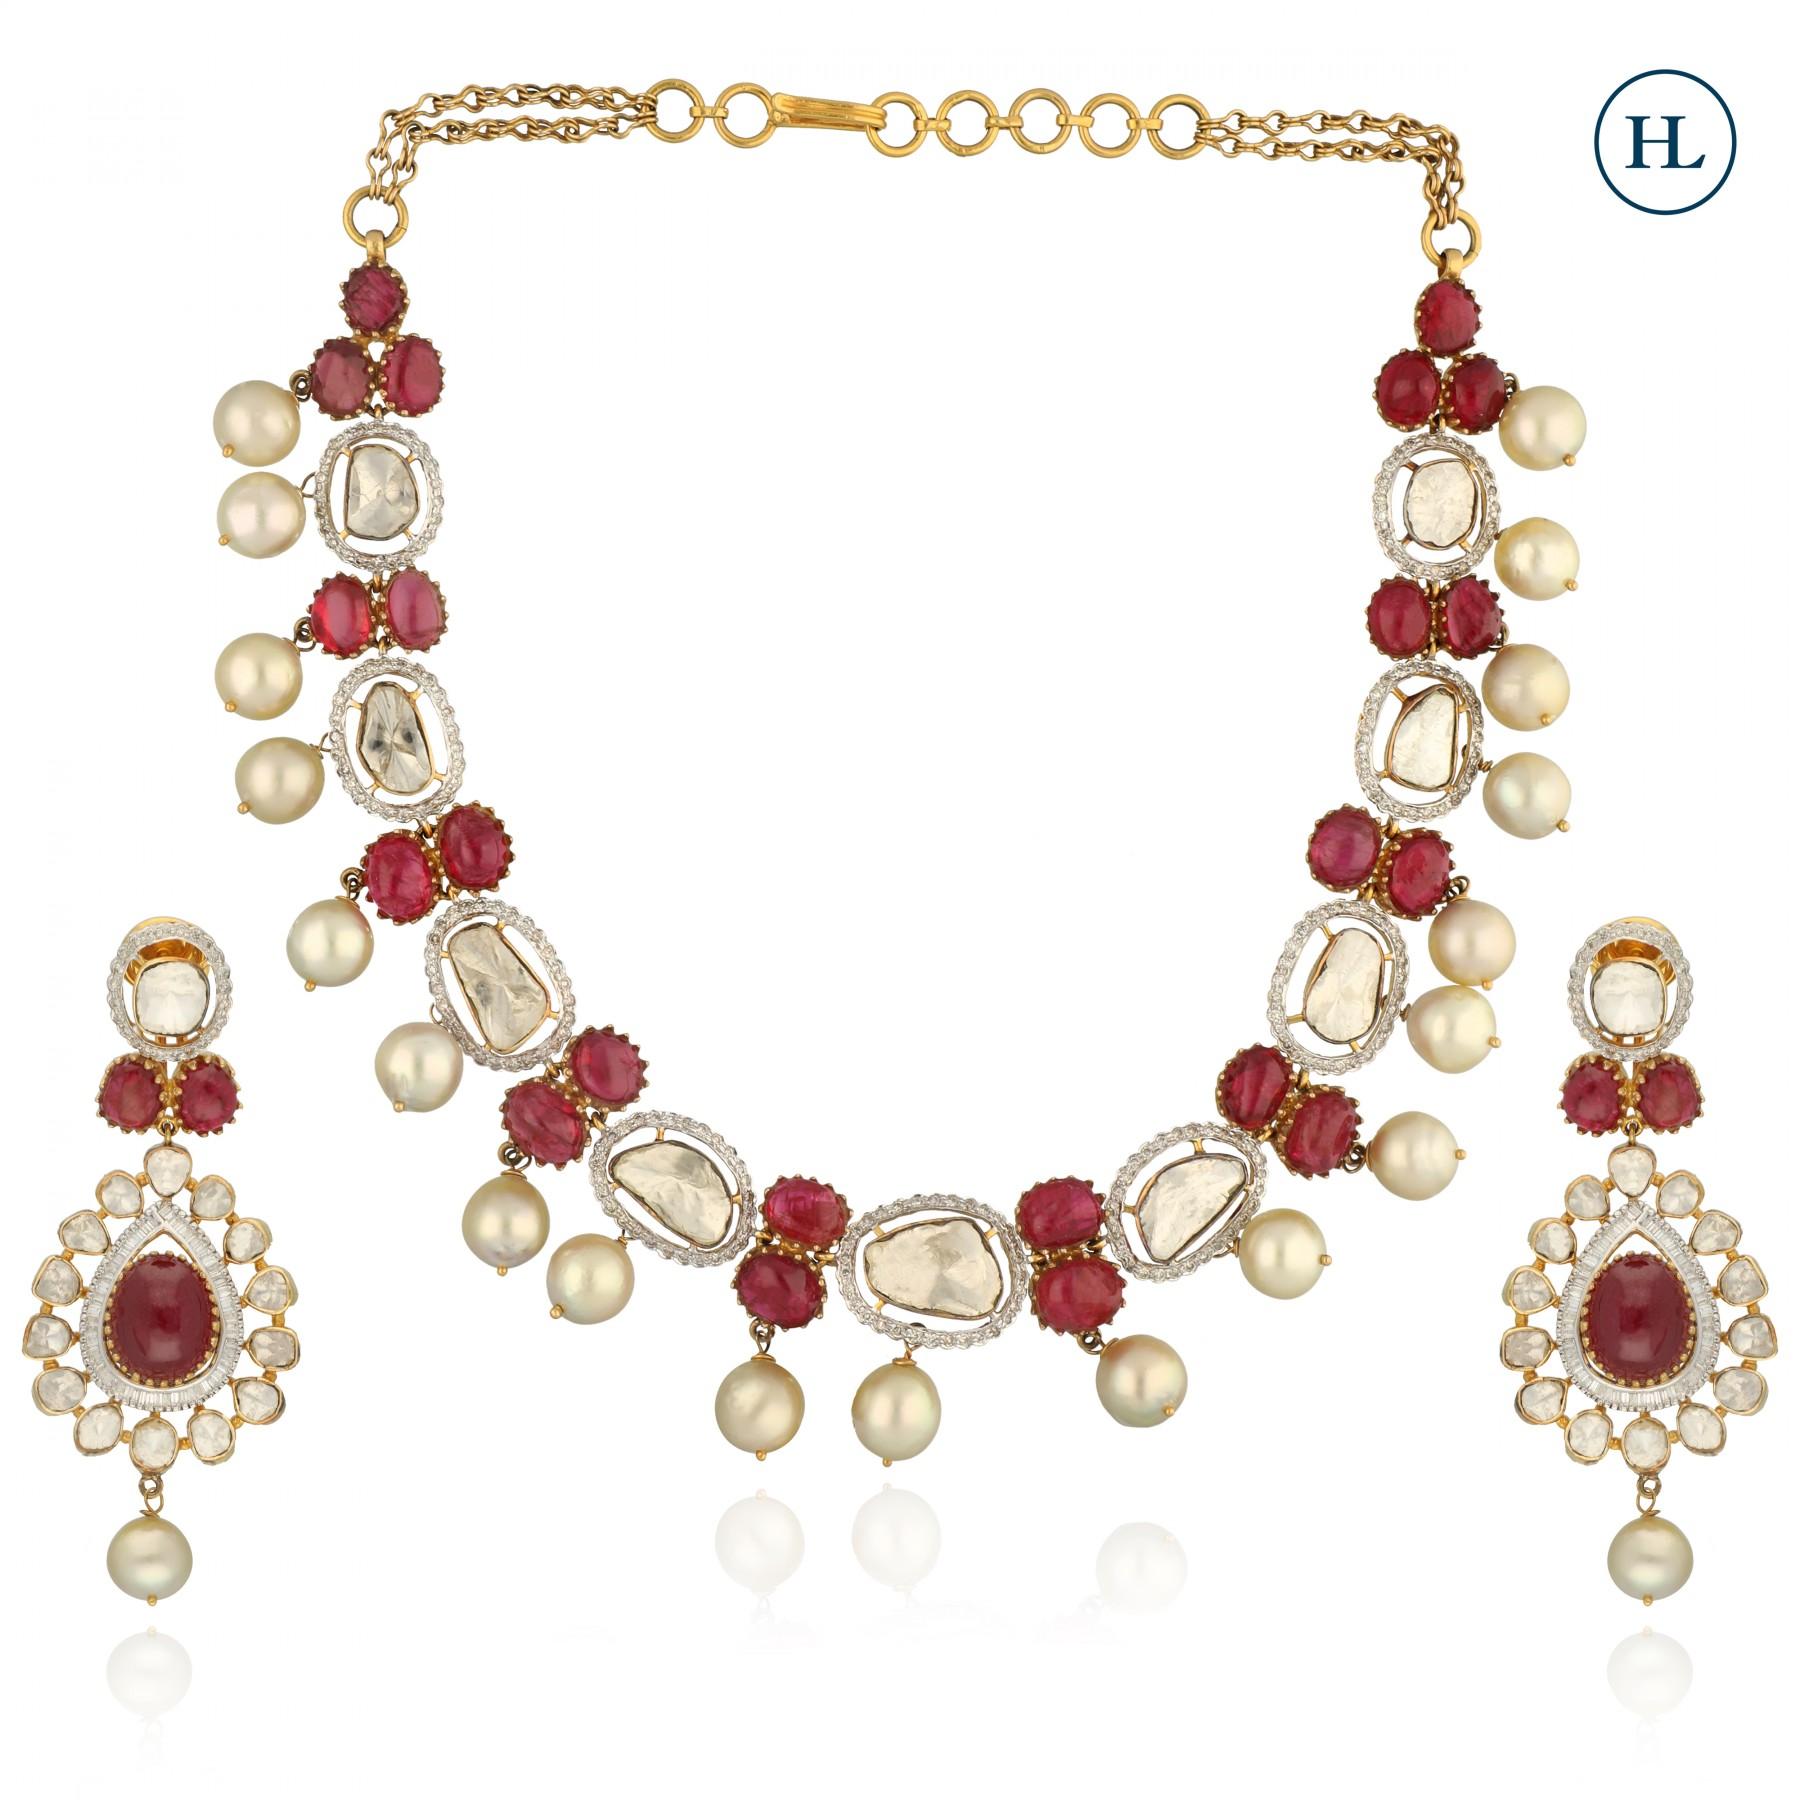 Uncut Diamond & Cabochon Ruby Fusion Necklace Set